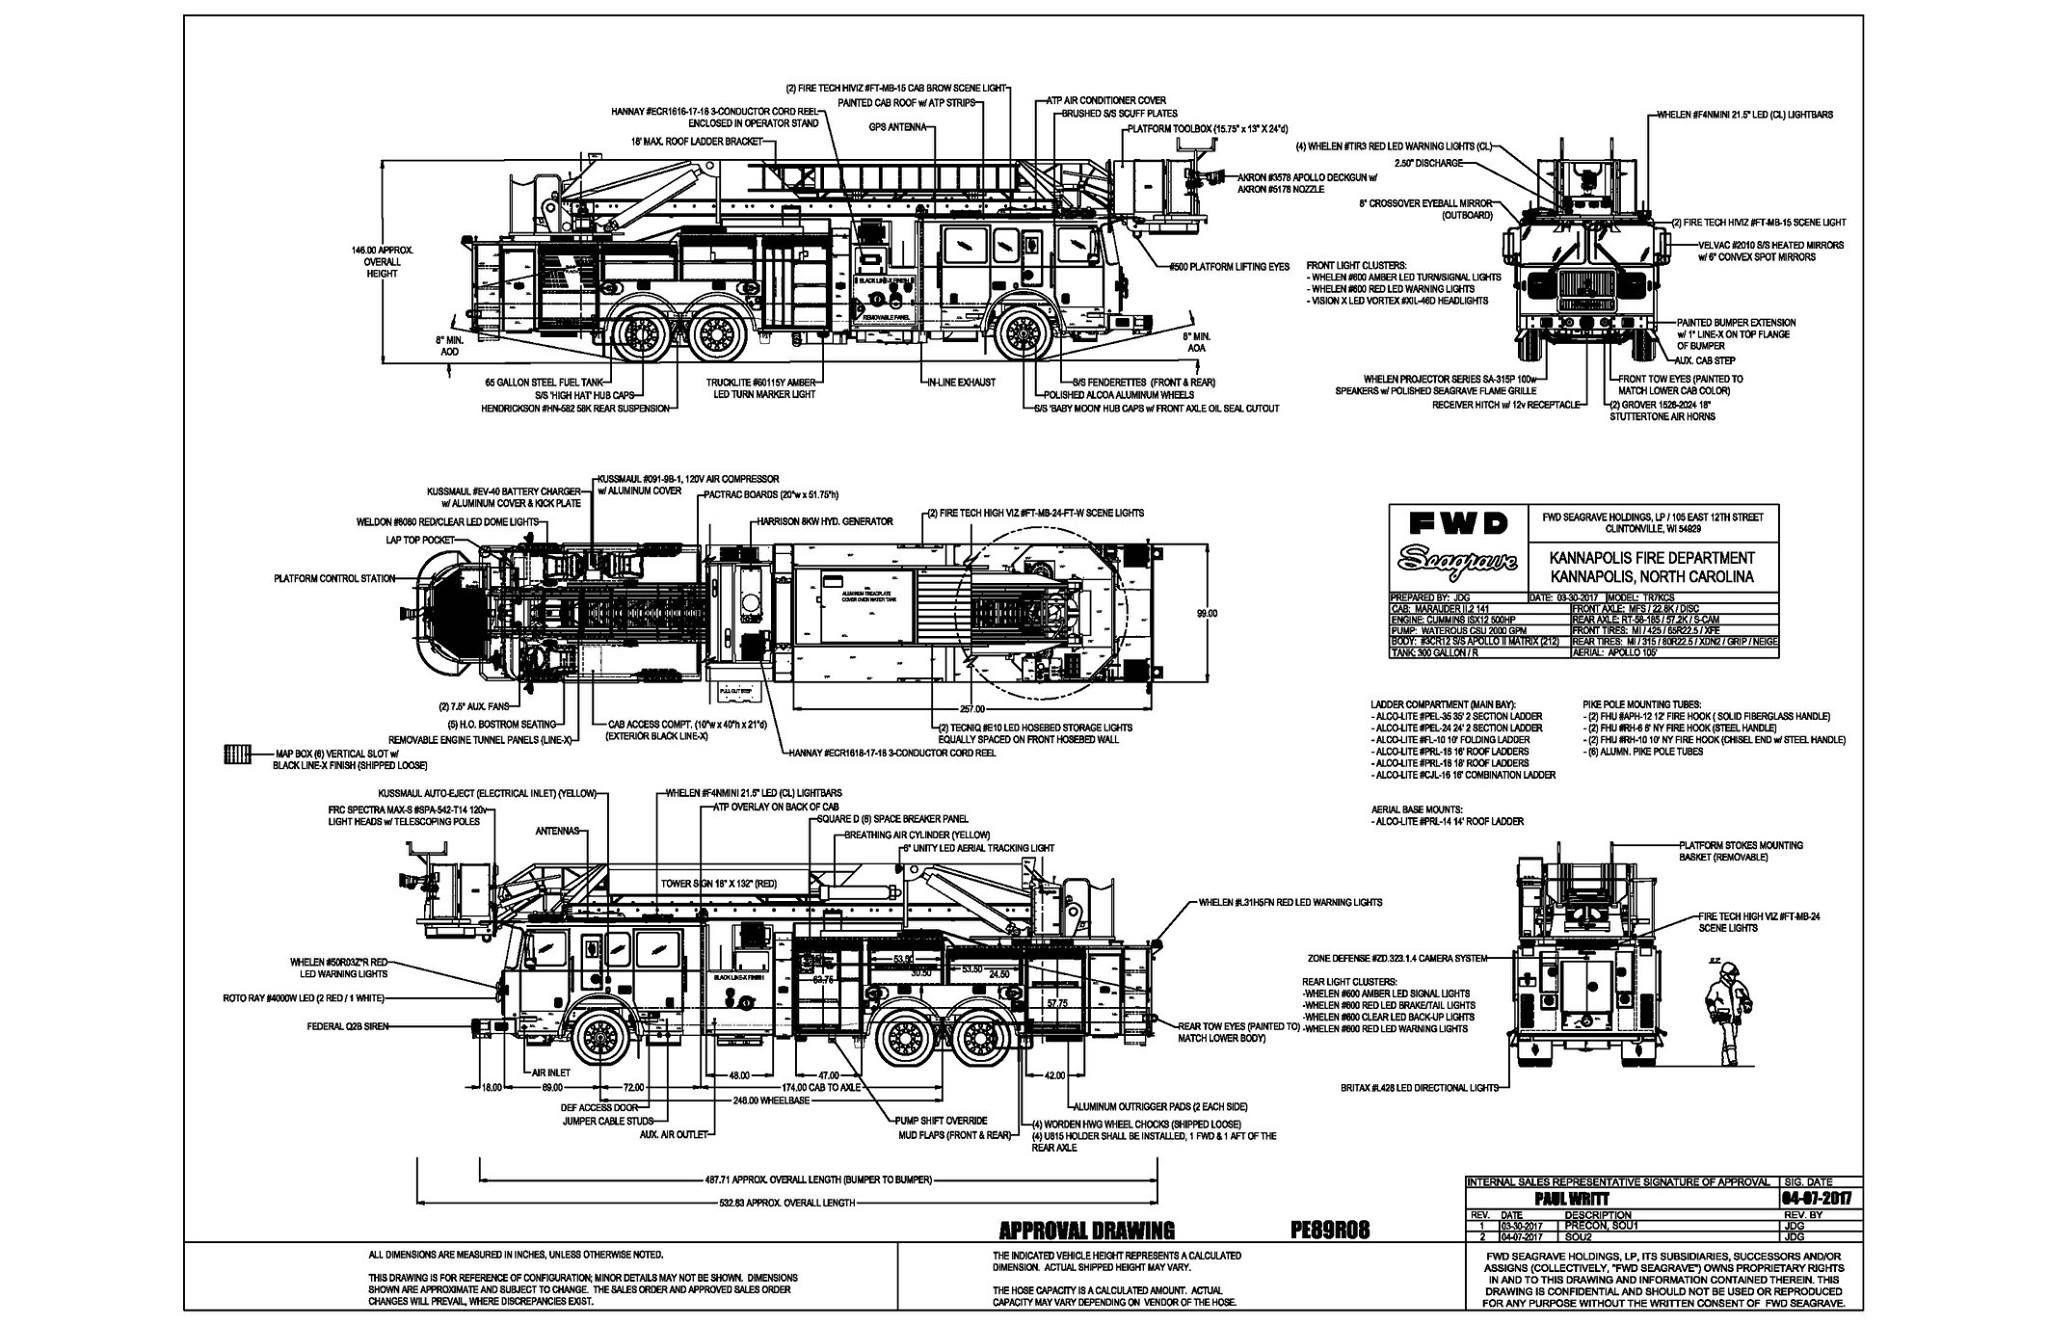 medium resolution of kannapolis fire department emergency response fire department fire trucks fire engine fire